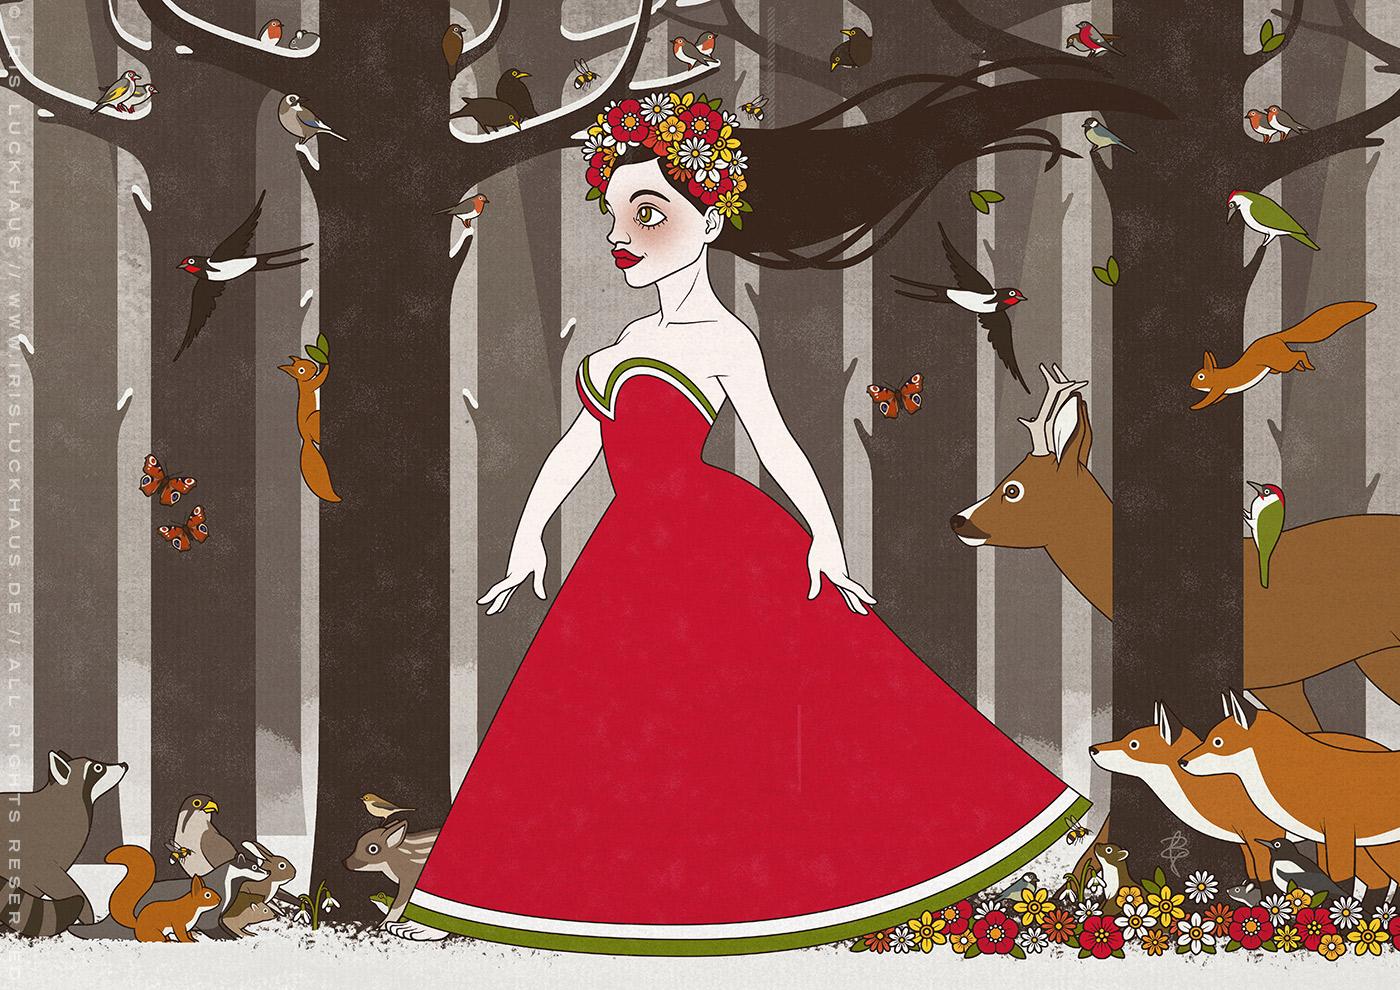 Flora, Persephone, Proserpina oder Sylvana, Zeichnung einer Frühlingsgöttin oder Nymphe im Abendkleid mit Blumenkranz, die von Tieren wie Eichhörnchen, Rehen und Singvögeln begleitet durch den Wald im Frühling spaziert, von Iris Luckhaus